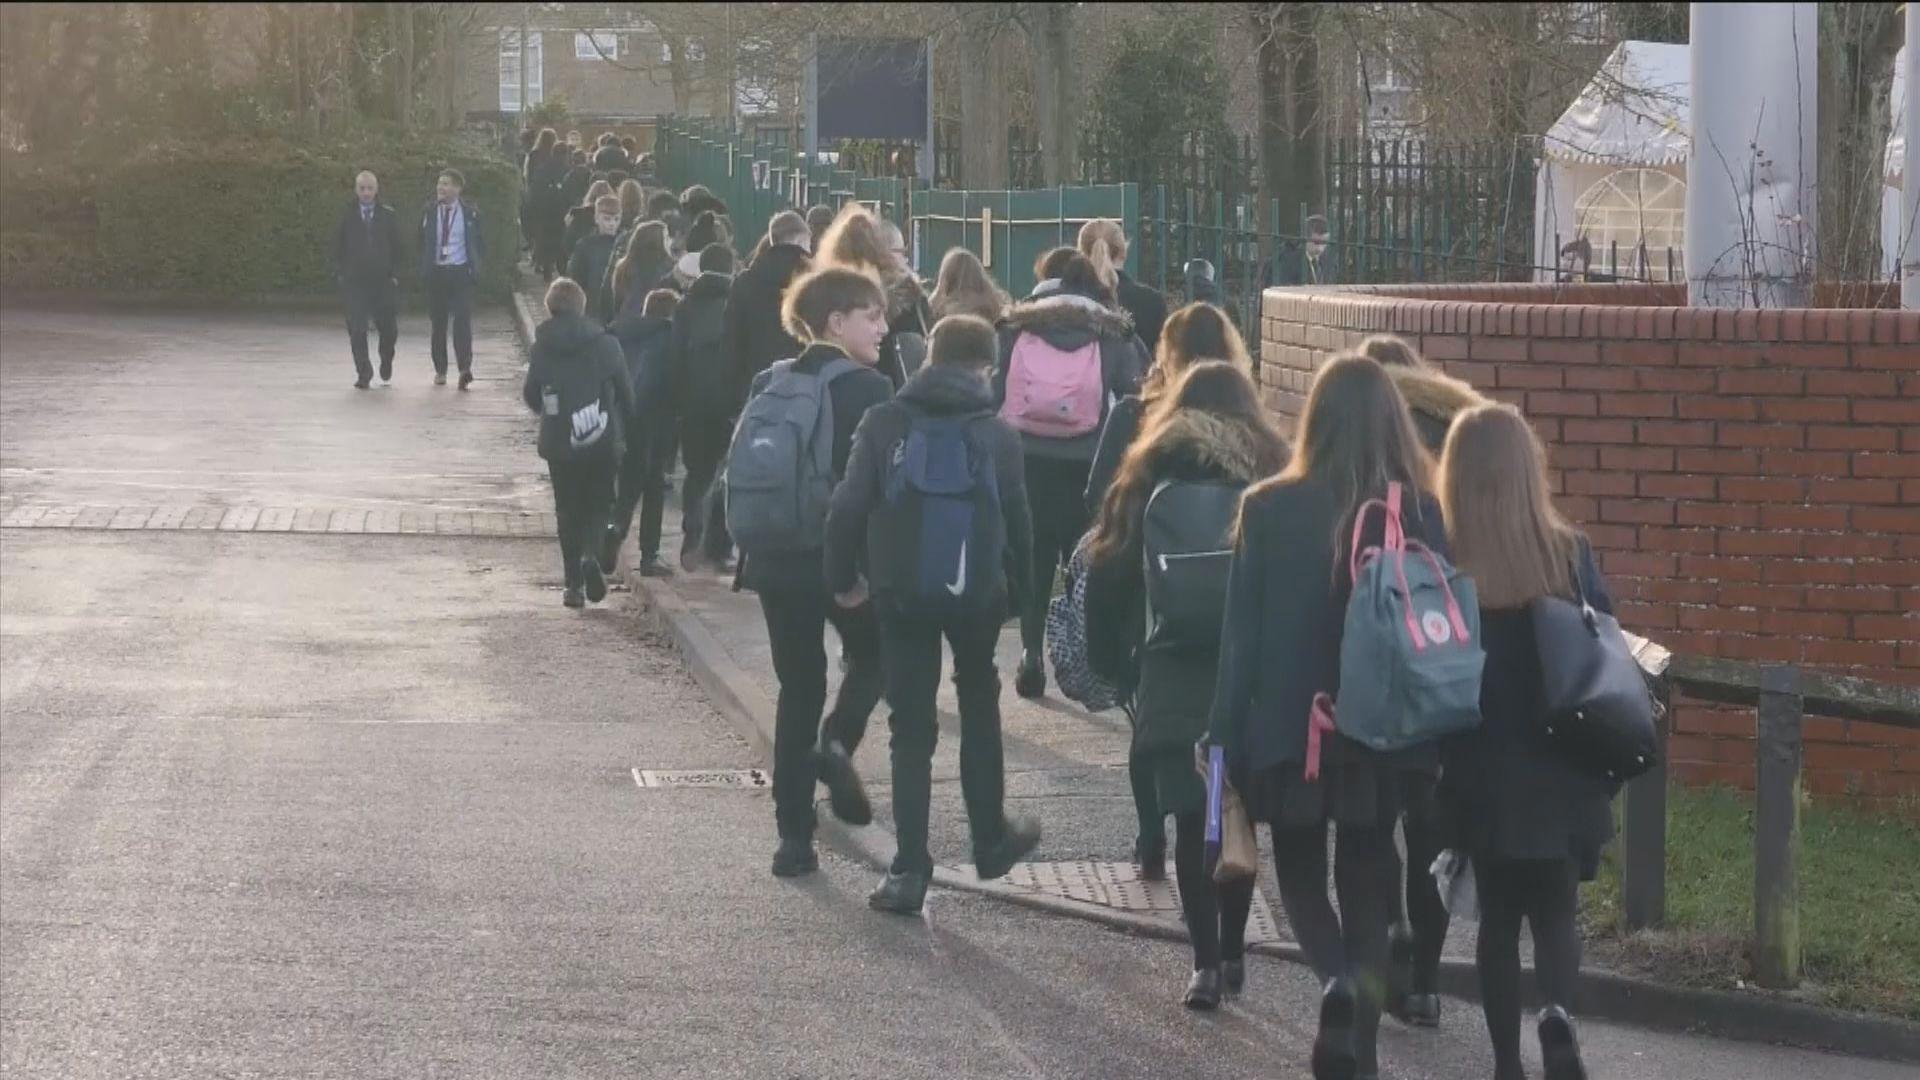 英國教育工會促擴大停課範圍至整個英格蘭遭拒絕